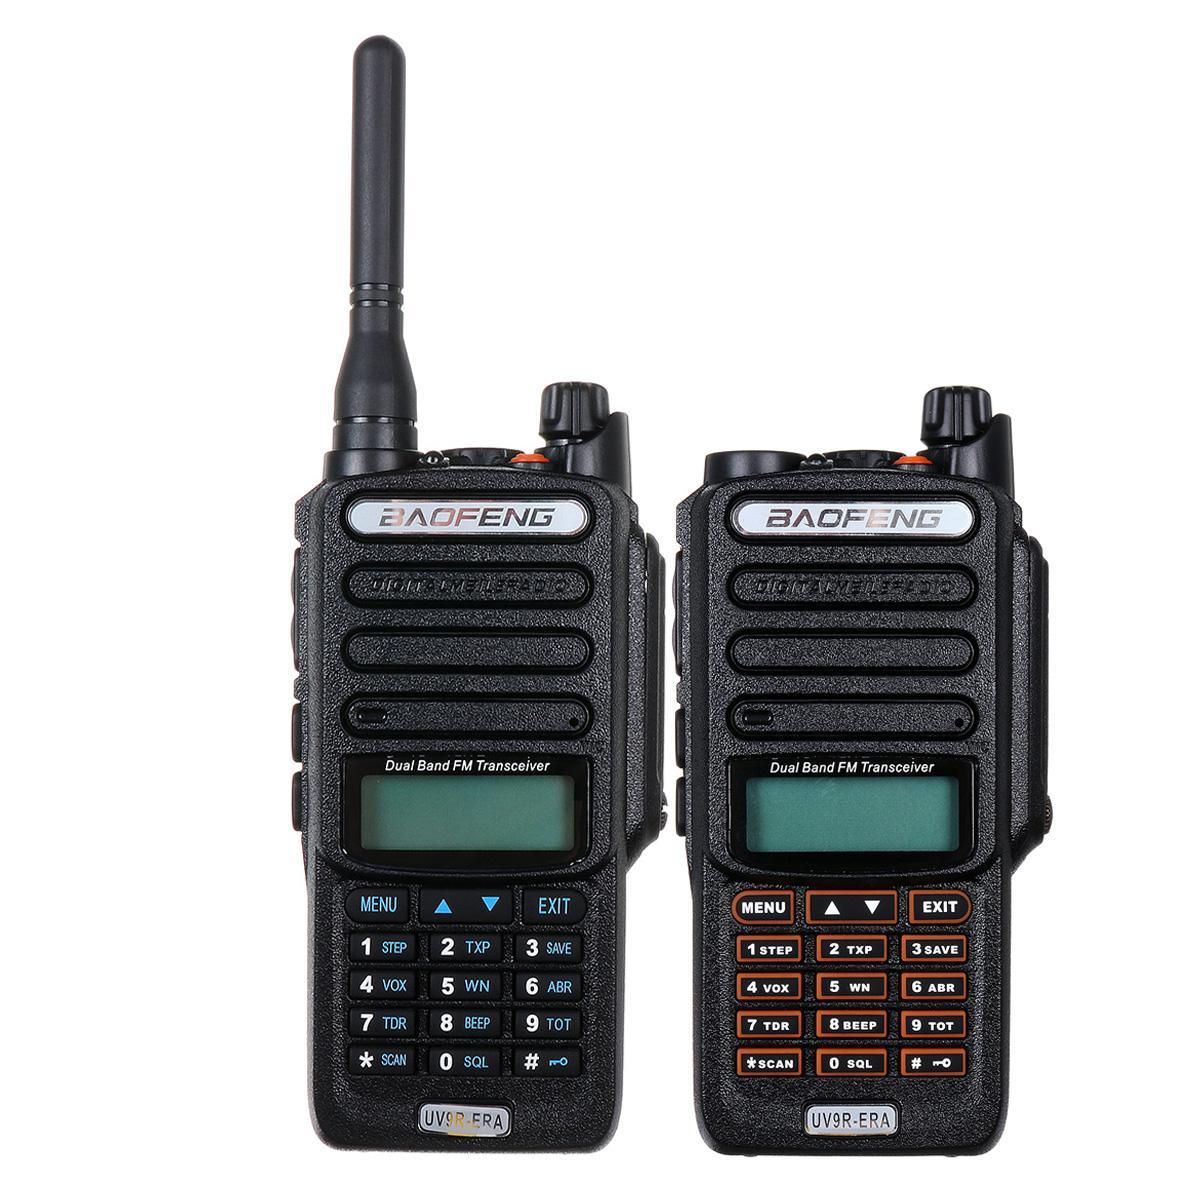 Профессиональная рация с УФ-излучением, двусторонняя радиостанция Comunicador, высокочастотный приемопередатчик, радиус действия 15 км, IP57